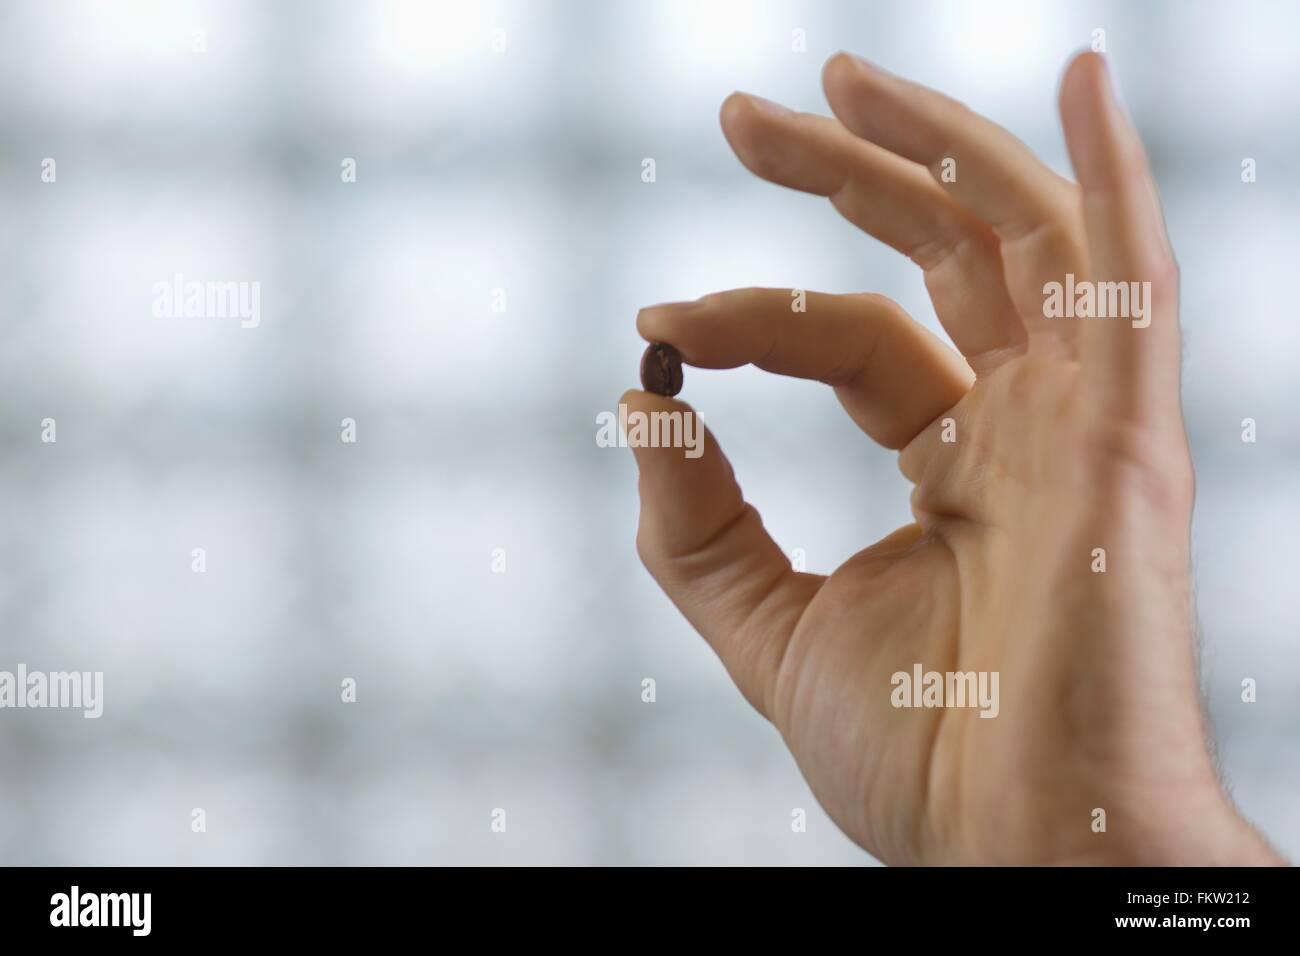 Fingers holding c fee bean - Stock Image